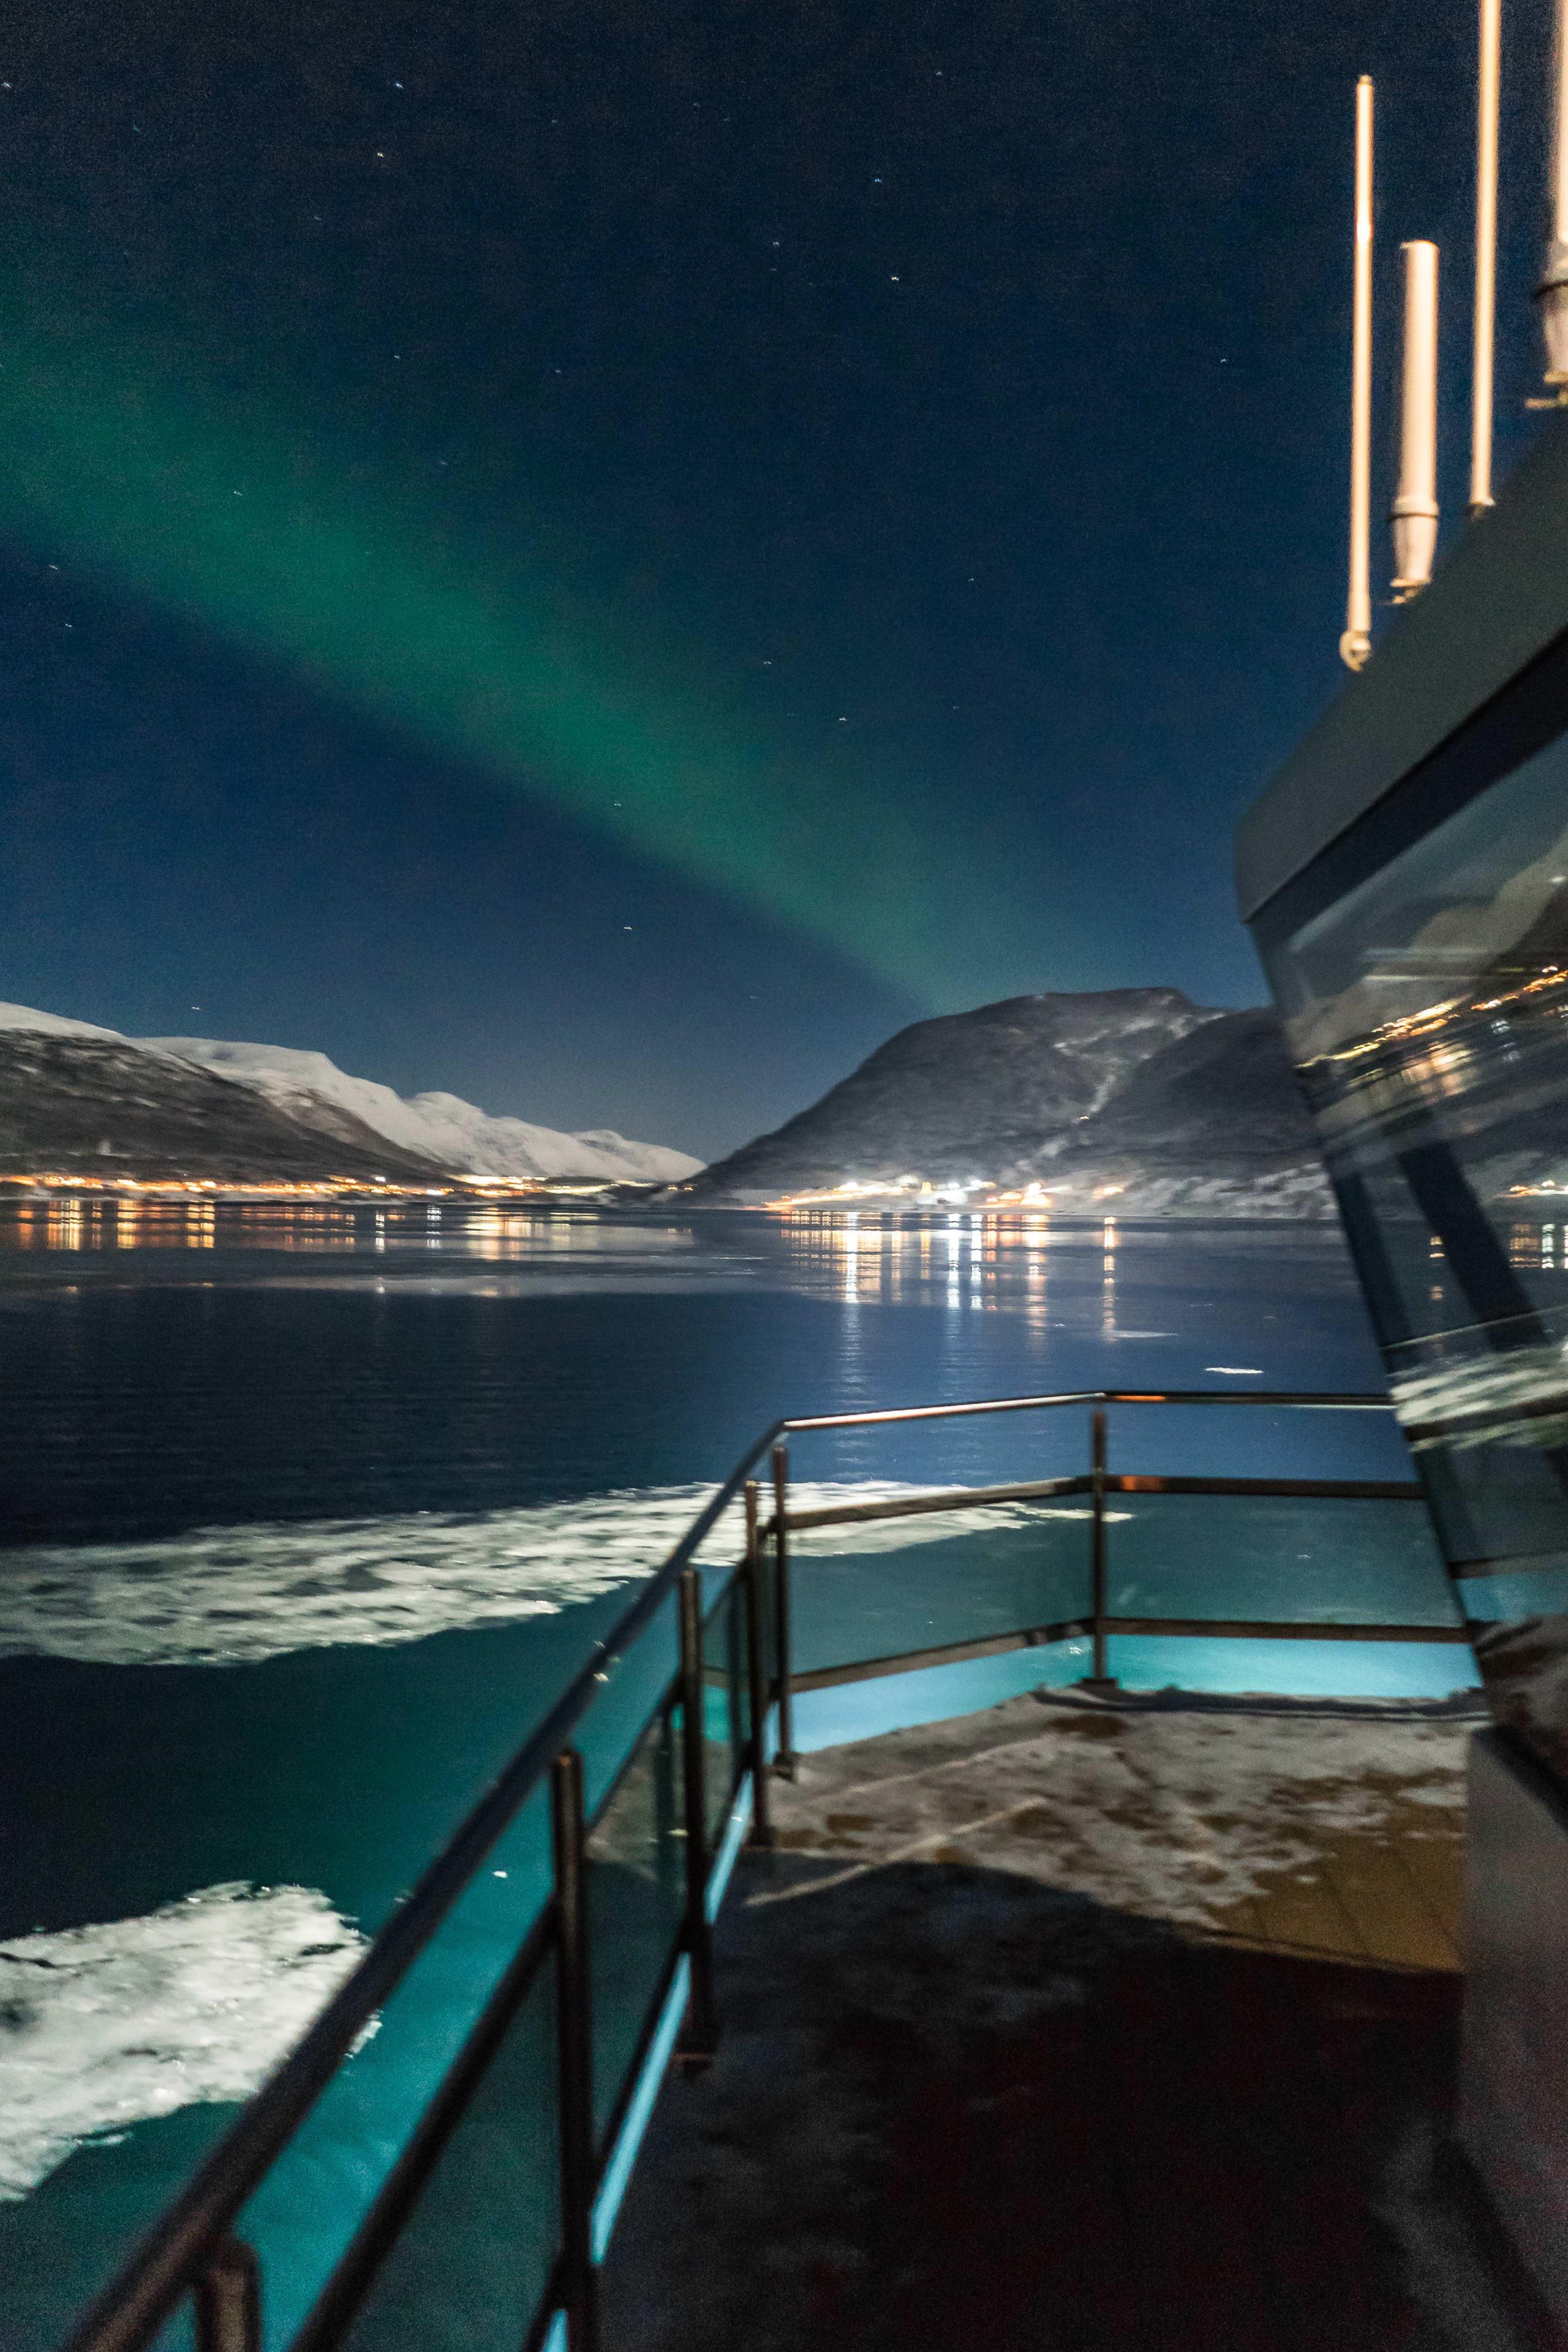 Brim Aurora Borealis